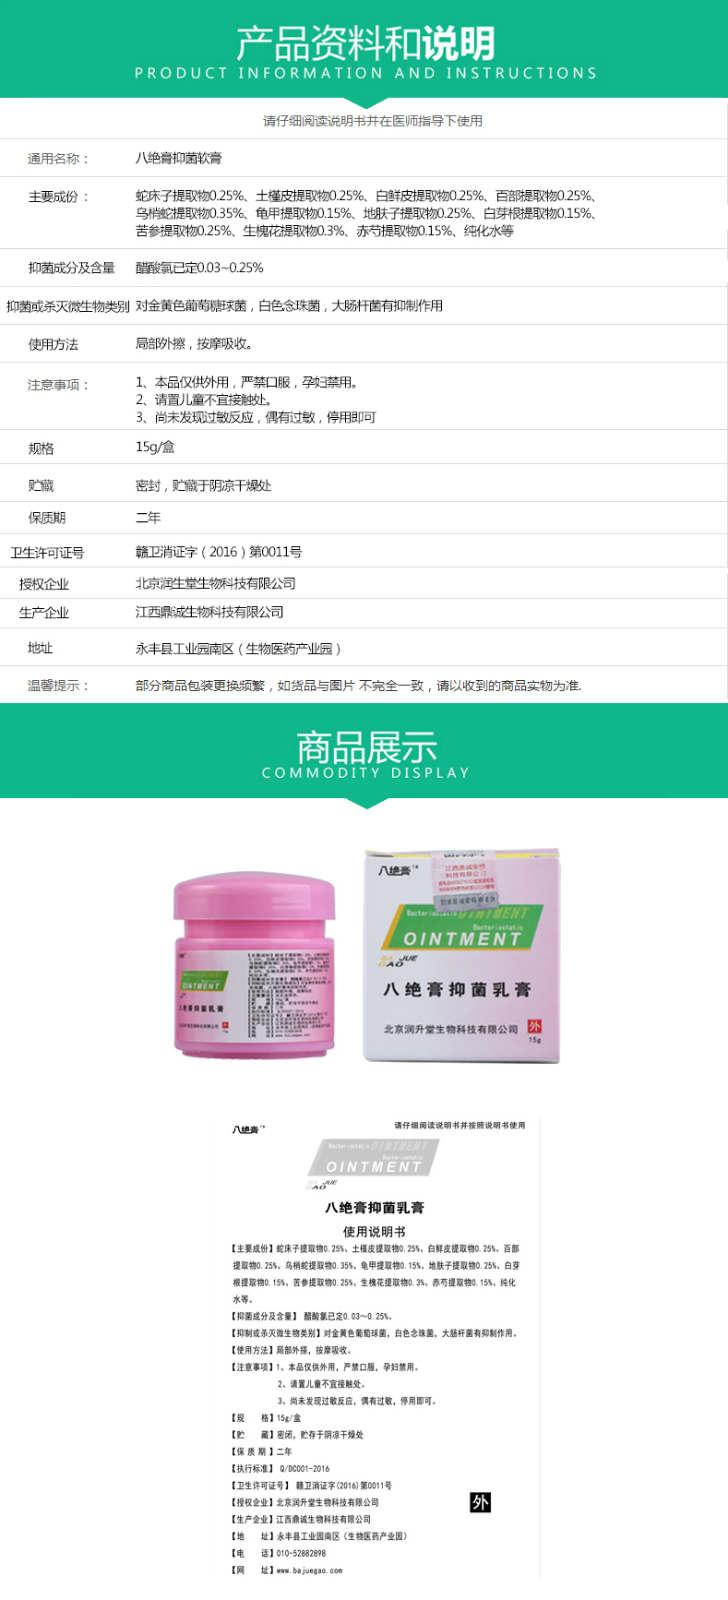 润升堂专业提供膏药生产厂家、膏药招商生产,欢迎来电咨询:010-10528828